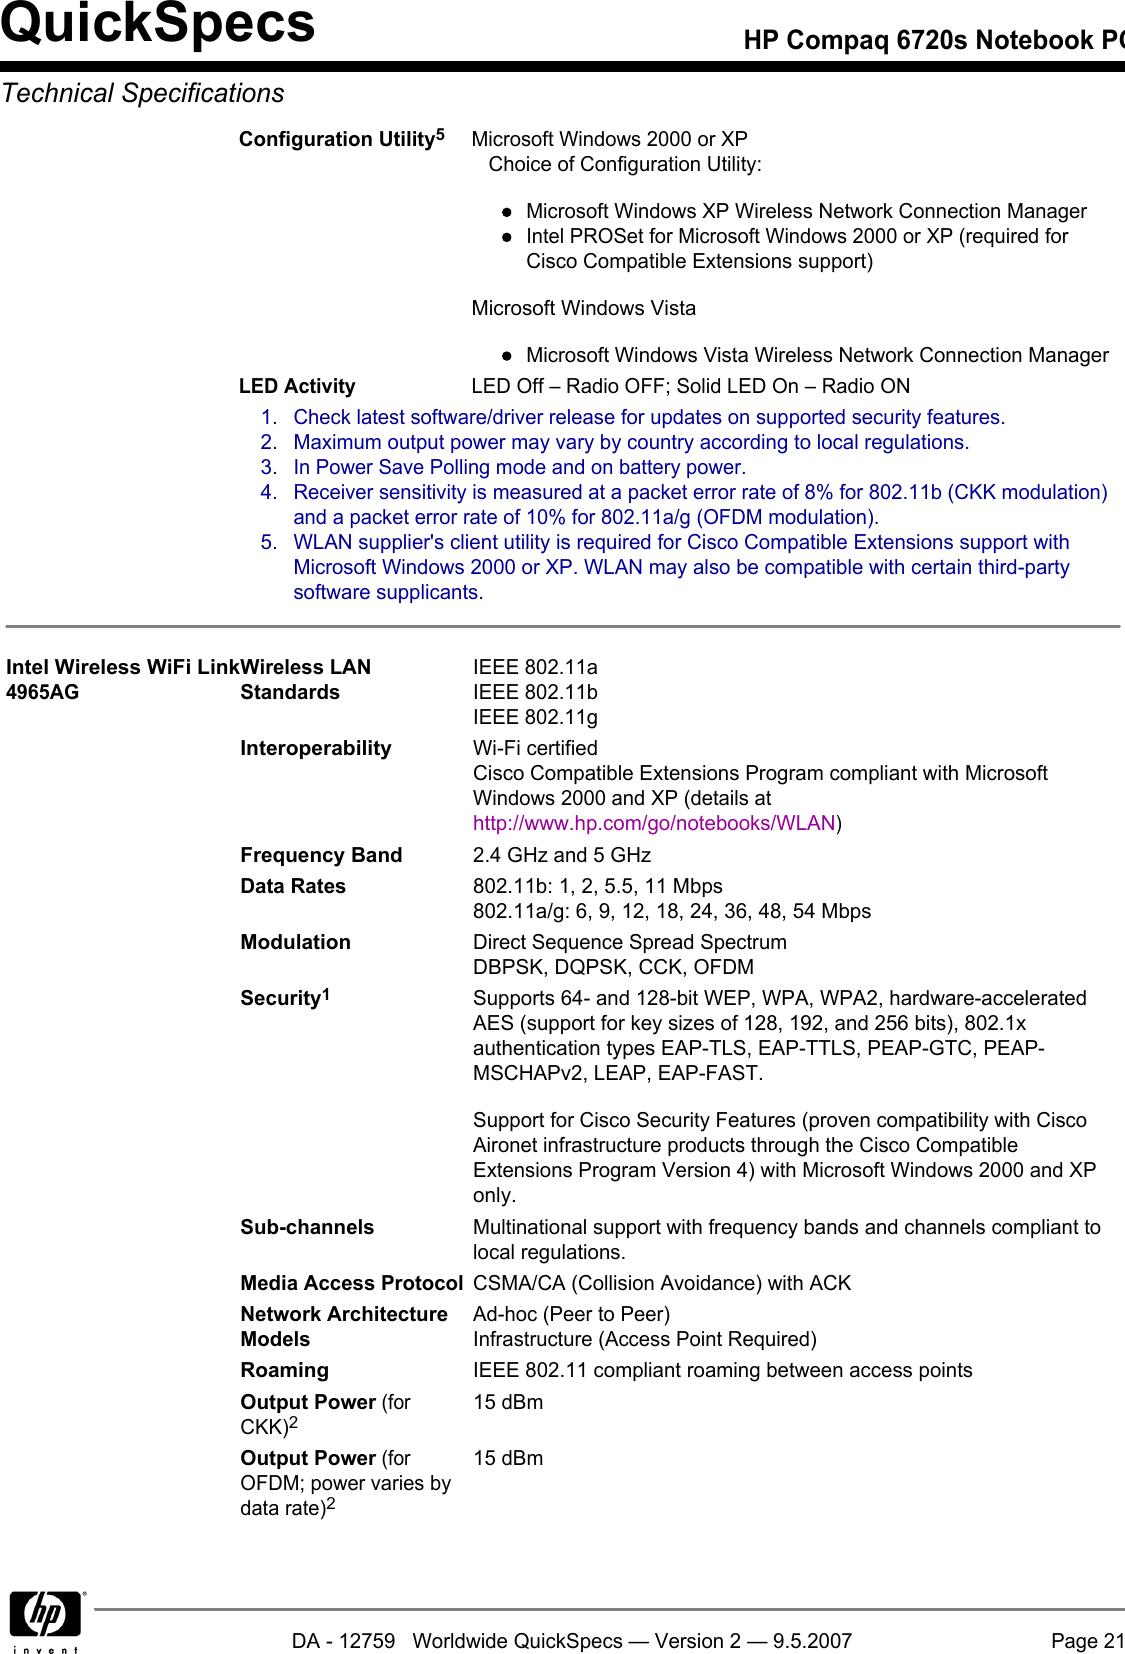 HP COMPAQ 6720S ACPI TREIBER HERUNTERLADEN